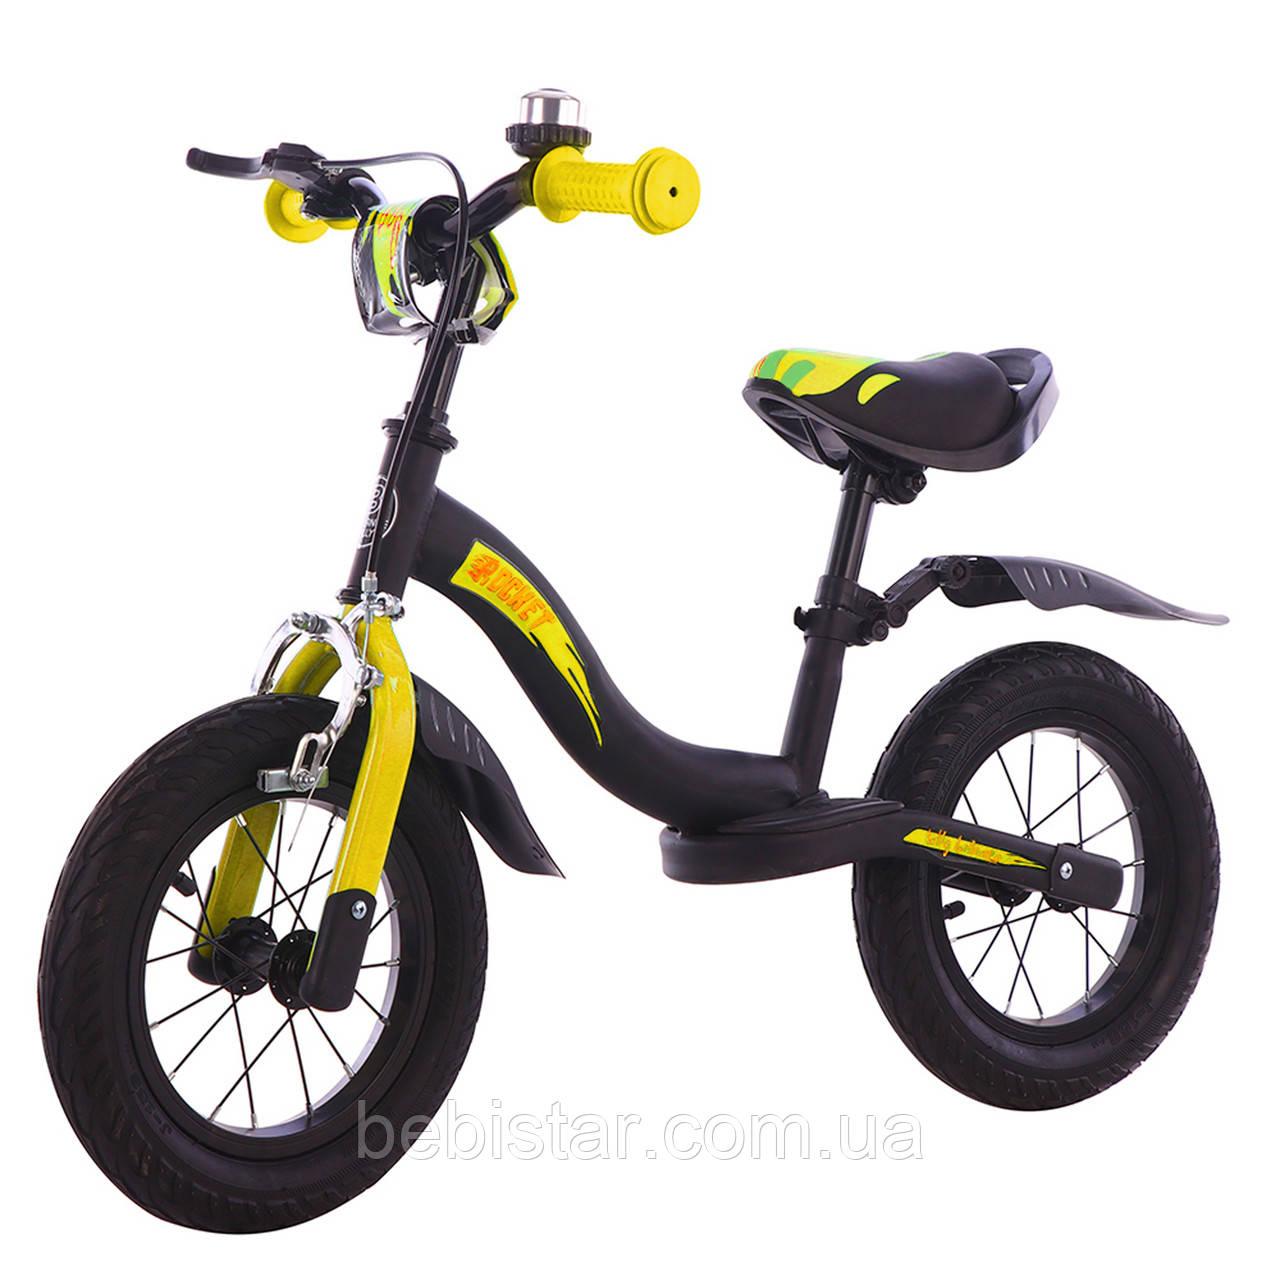 Беговел стальной черный с желтым Tilli Rocket крылья надувные колеса ручной тормоз звонок детям от 2 до 5 лет